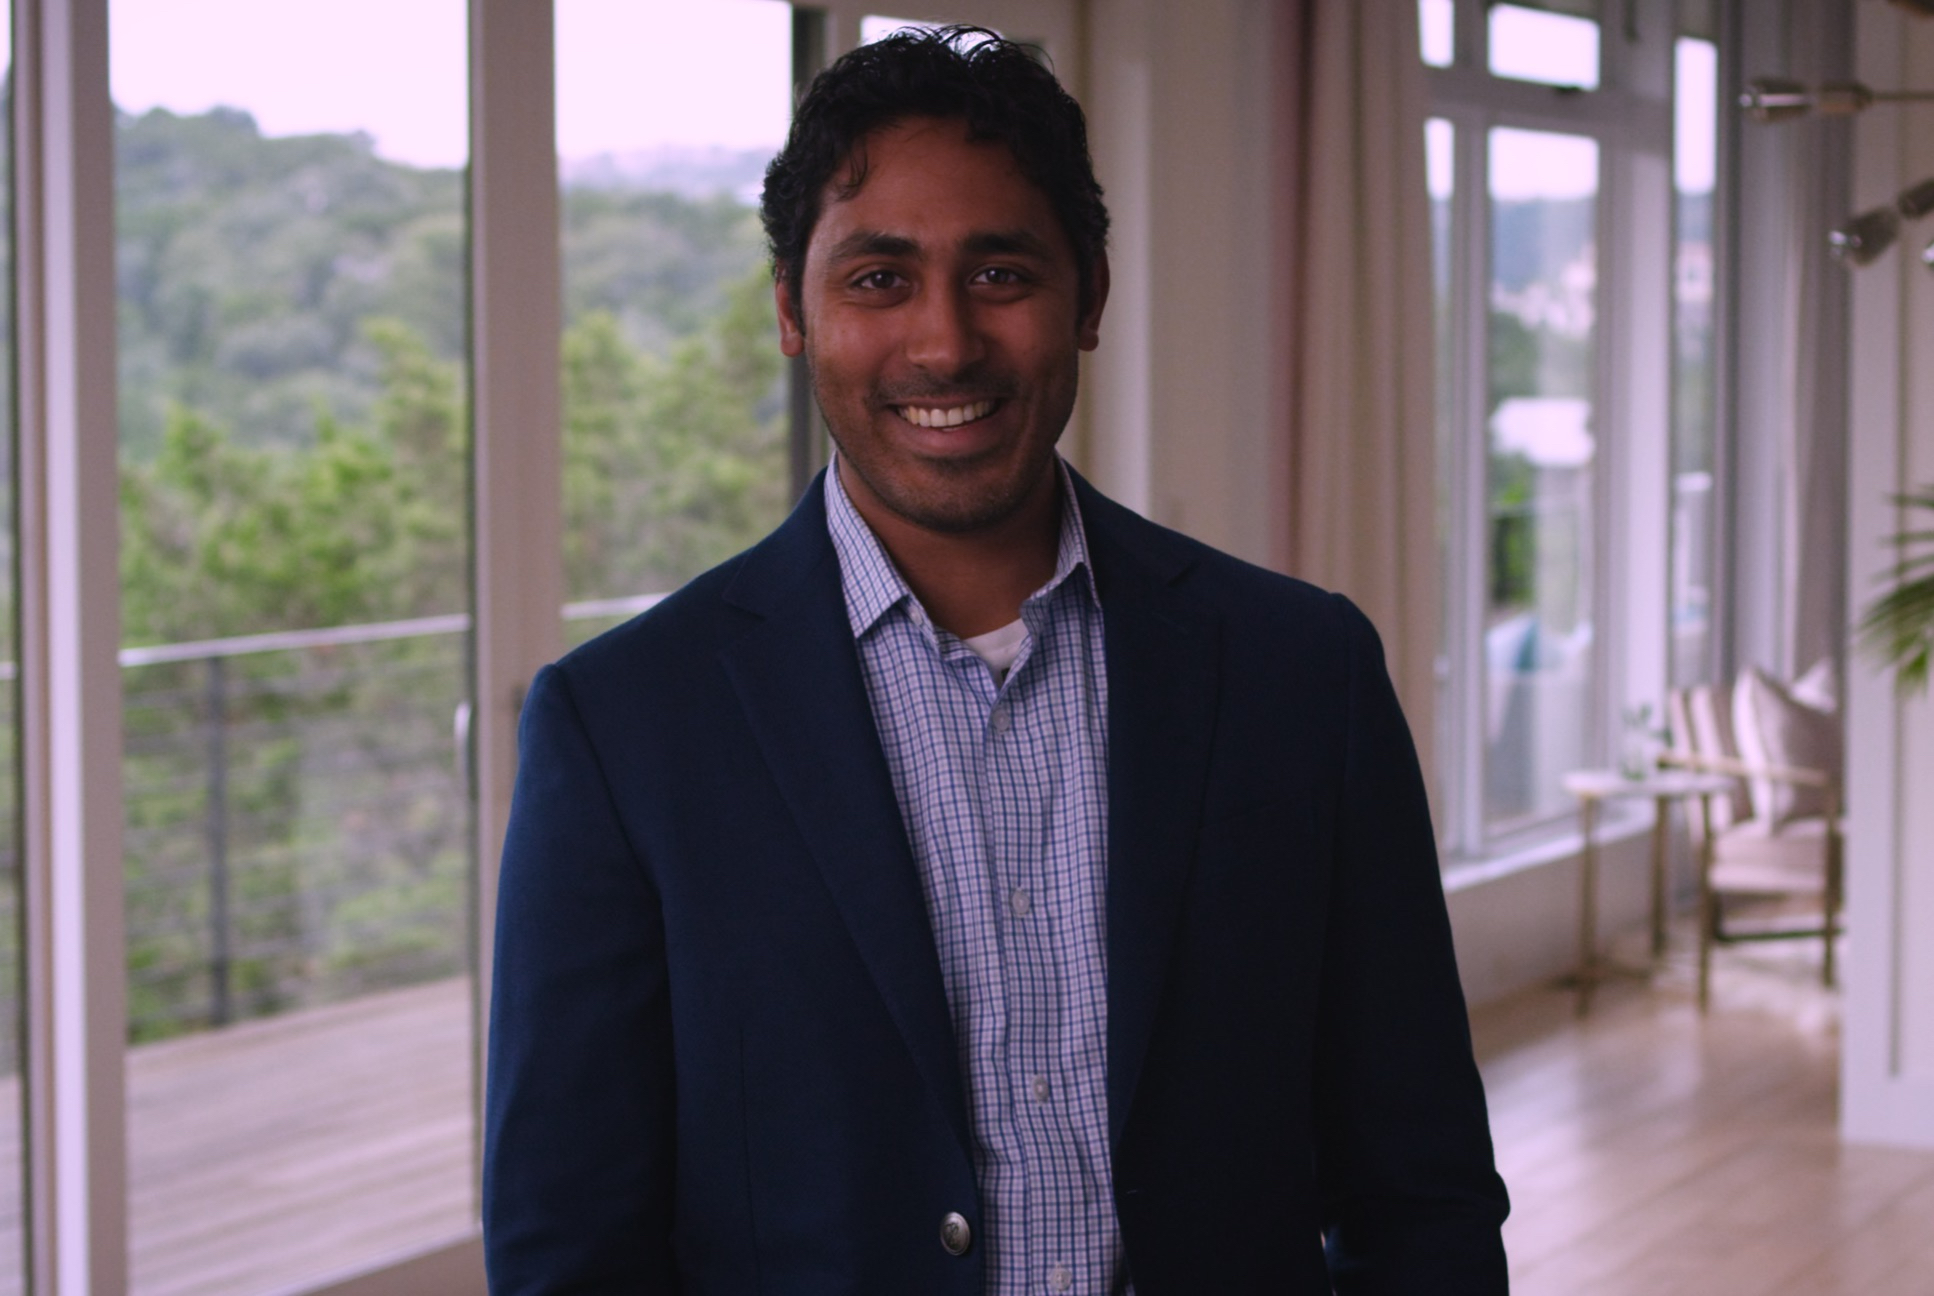 Nikhail Singh